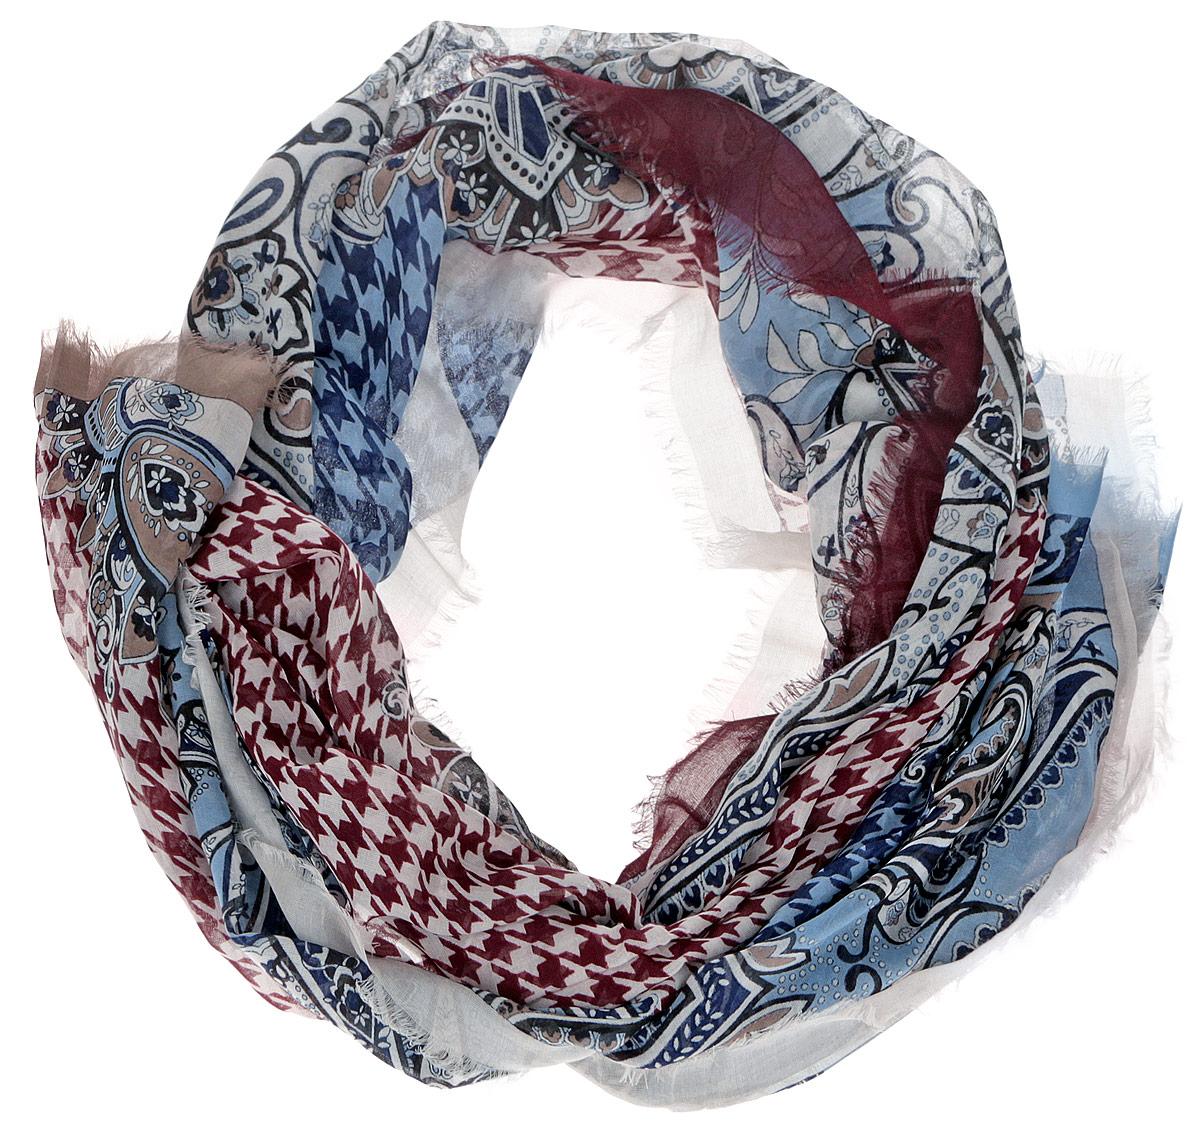 Шарф женский. CX1516-55CX1516-55-5Модный женский шарф Leo Ventoni подарит вам уют и станет стильным аксессуаром, который призван подчеркнуть вашу индивидуальность и женственность. Тонкий шарф выполнен из высококачественного 100% модала, он невероятно мягкий и приятный на ощупь. Шарф оформлен тонкой бахромой по краю и украшен принтом в мелкую клетку с изображением изысканных этнических узоров. Этот модный аксессуар гармонично дополнит образ современной женщины, следящей за своим имиджем и стремящейся всегда оставаться стильной и элегантной. Такой шарф украсит любой наряд и согреет вас в непогоду, с ним вы всегда будете выглядеть изысканно и оригинально.